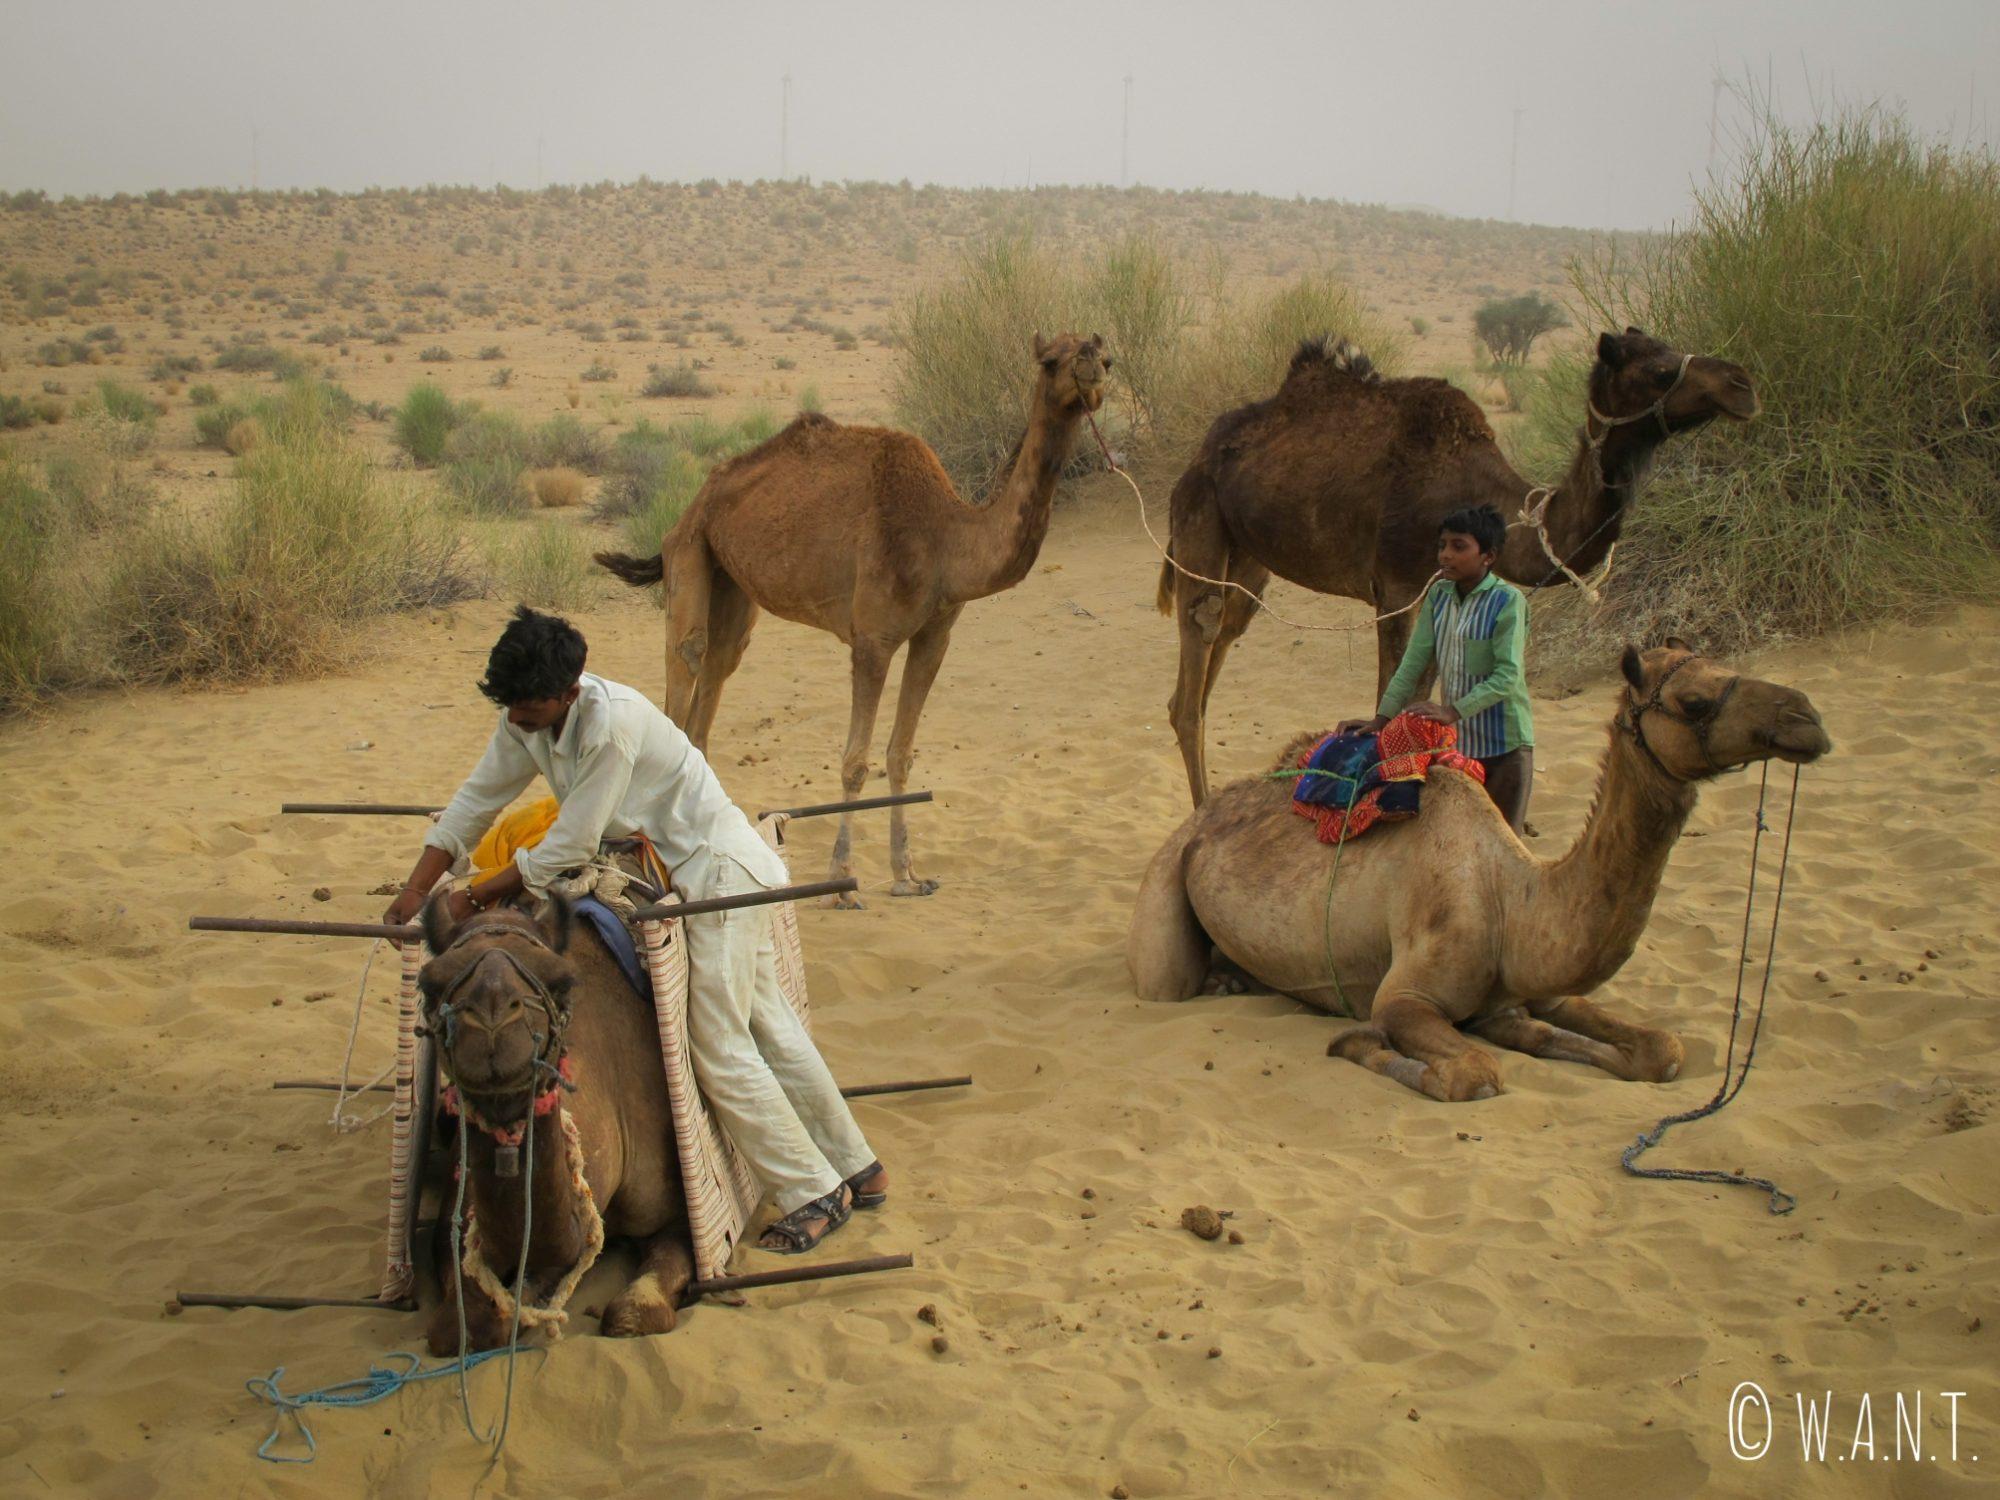 Harkha prépare la caravane en chargeant l'intégralité de l'équipement sur les dromadaires